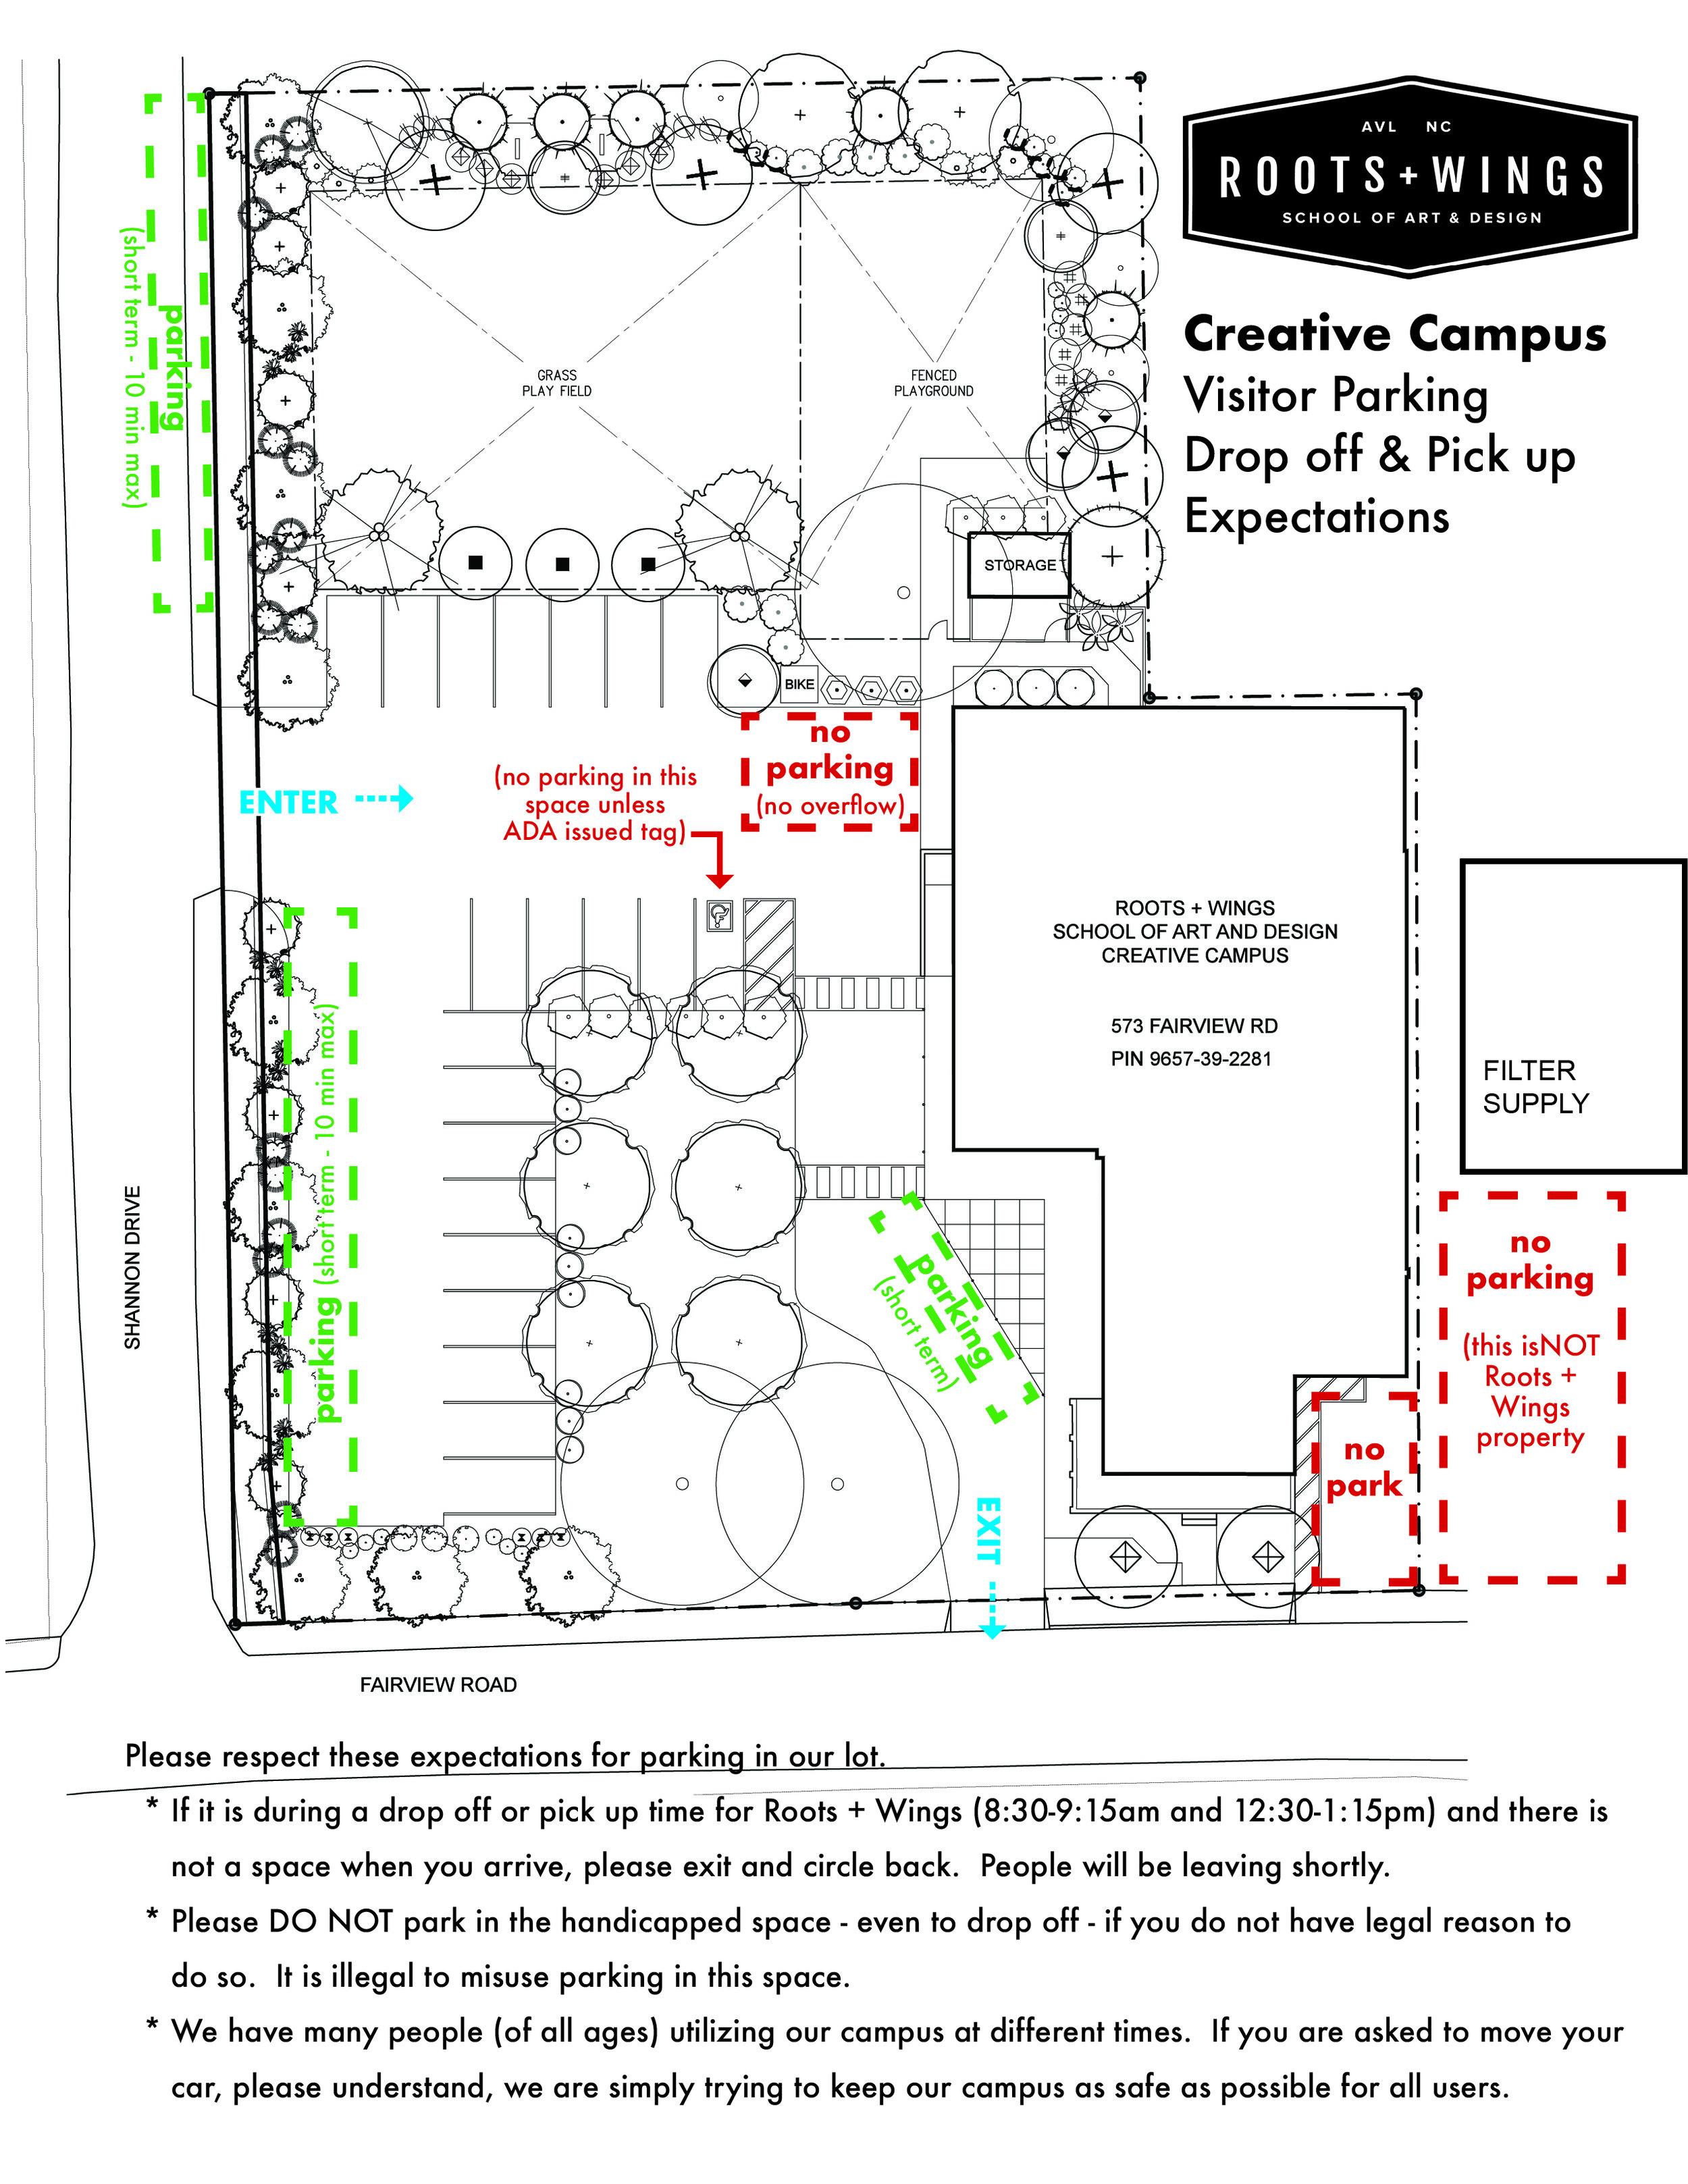 R+W CC parking diagram.jpg